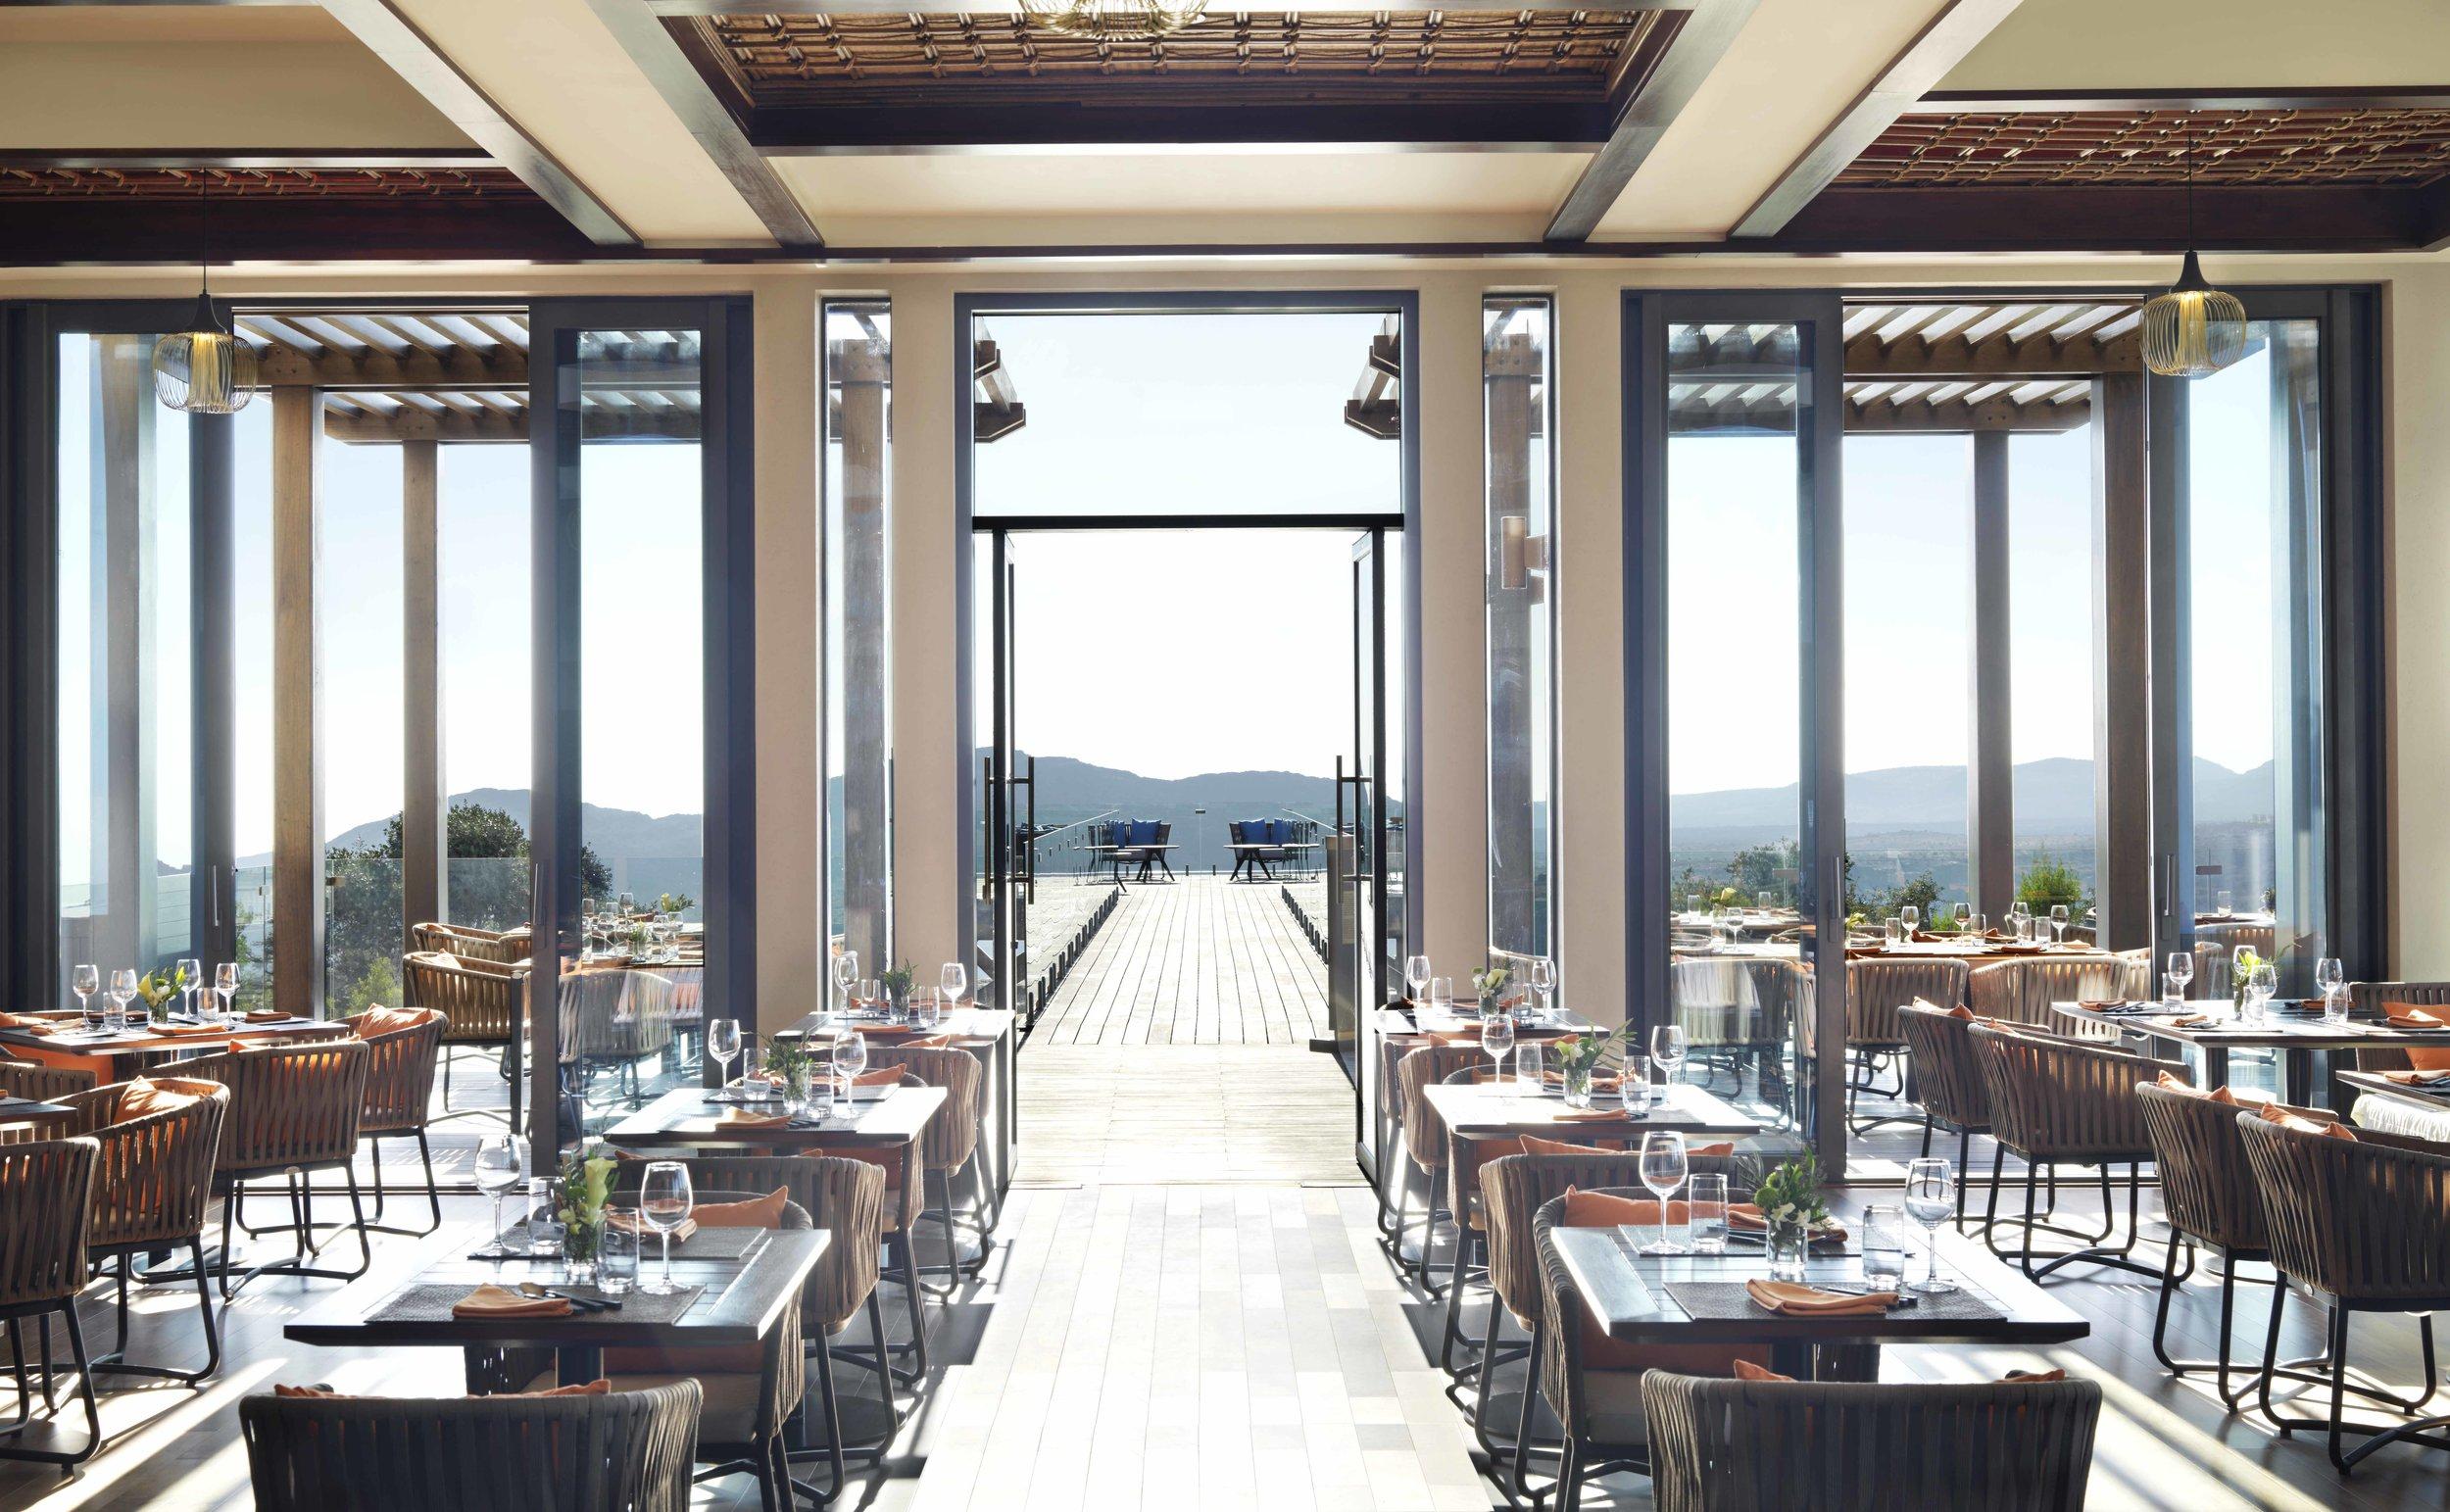 Anantara Al Jabal Al Akhdar Resort - Dining - Bella Vista.jpg